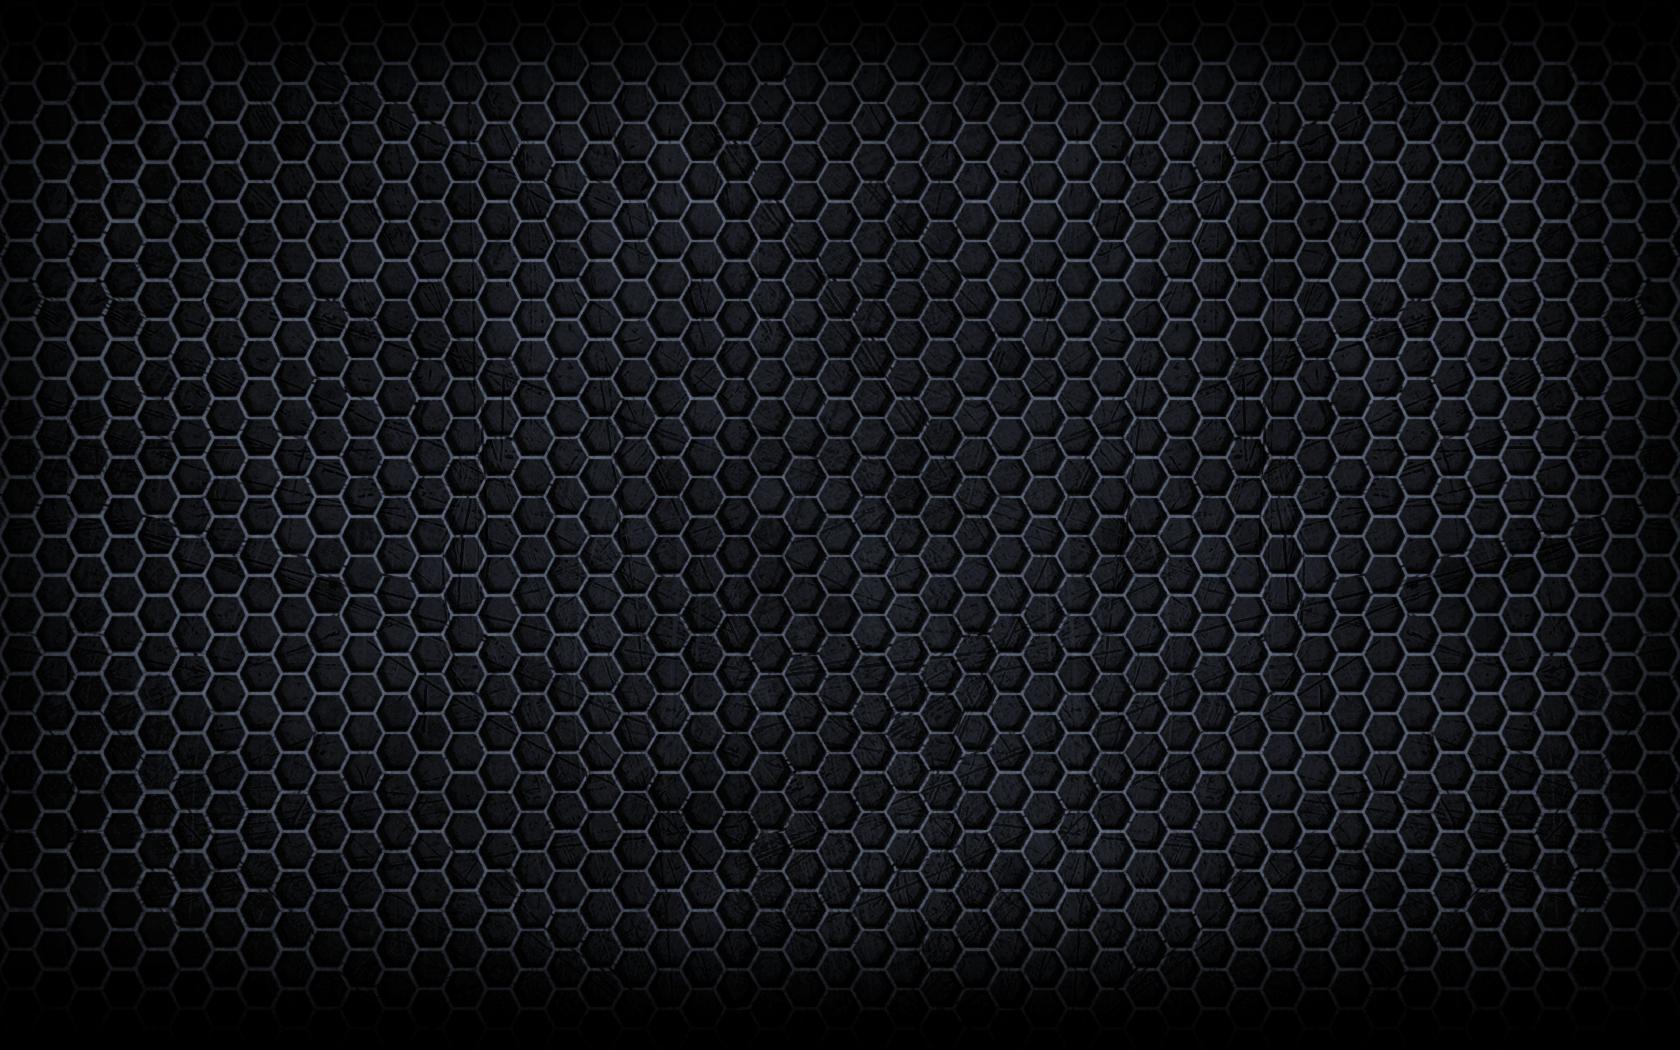 Hexagon texture wallpaper   Wallpaper Wide HD. Hexagonal Wallpaper   WallpaperSafari